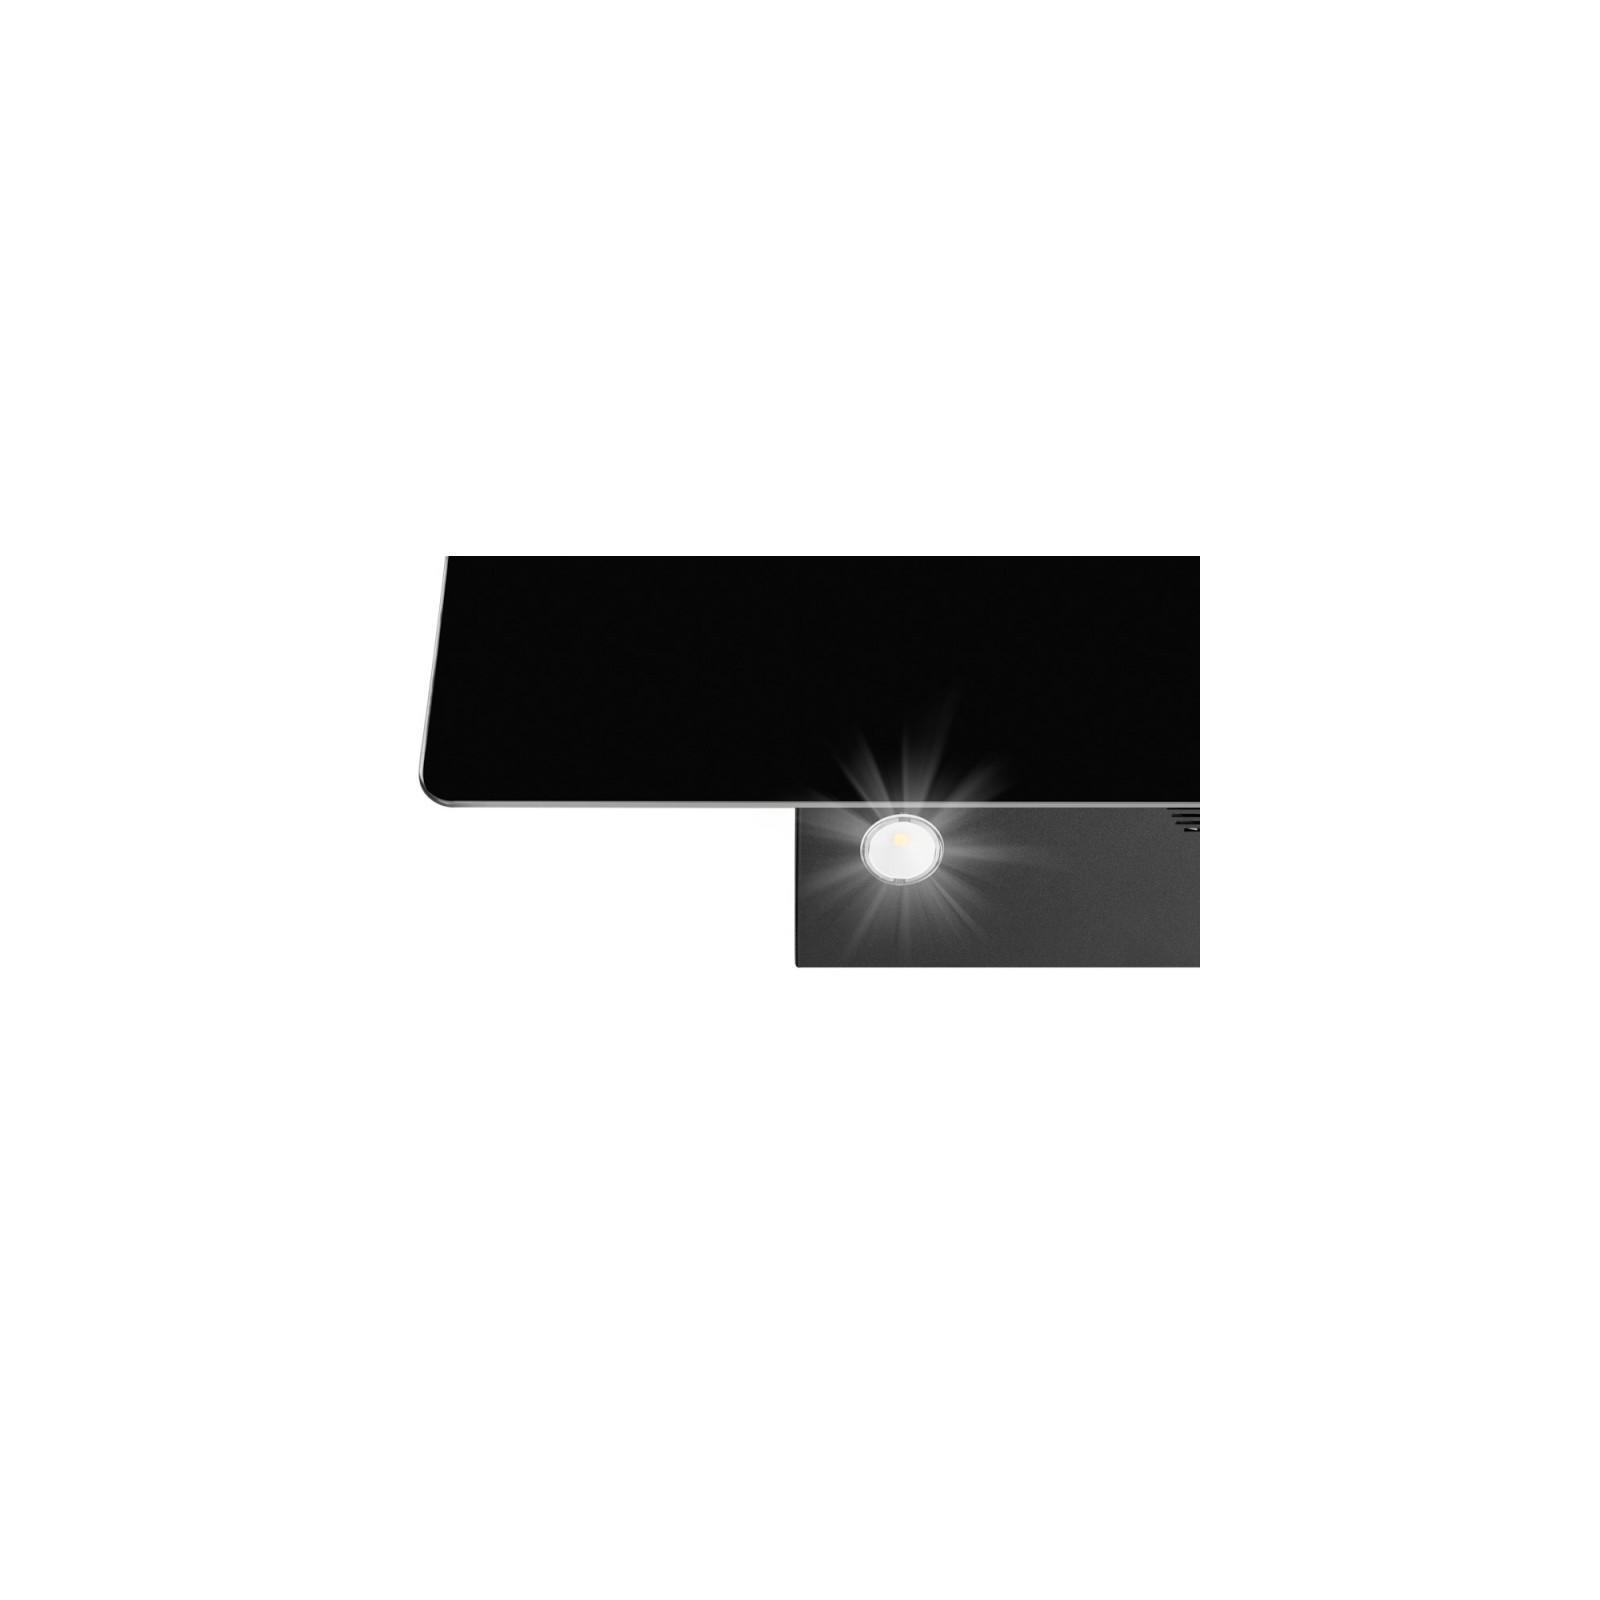 Вытяжка кухонная VENTOLUX FIRENZE 60 BK (1000) TRC IT SD изображение 6